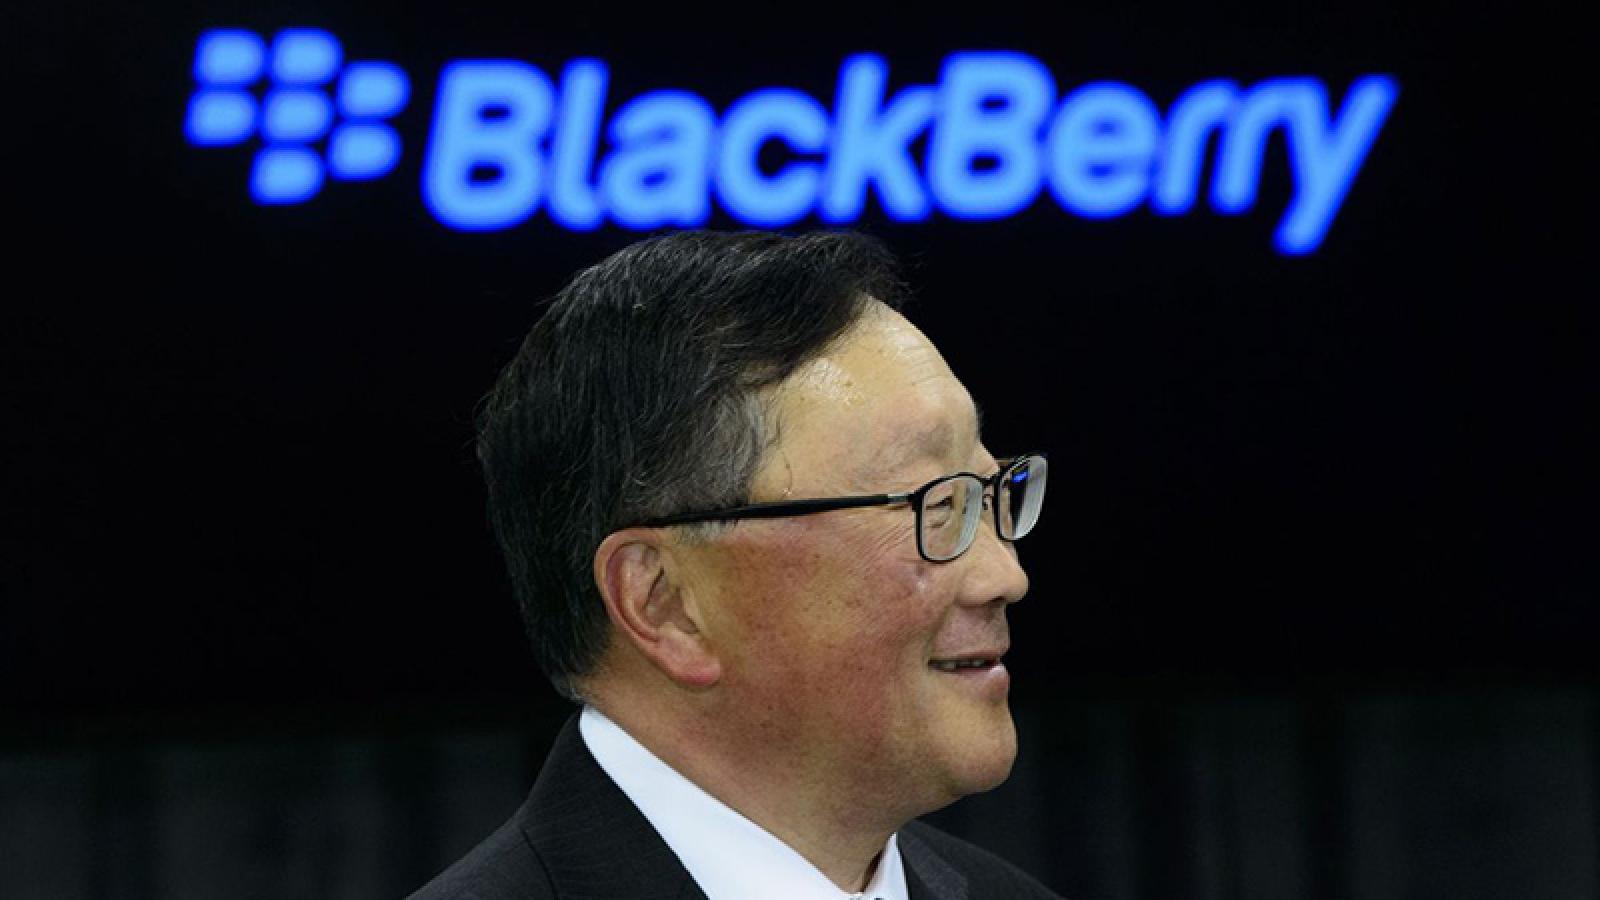 BlackBerry bán 90 bằng sáng chế smartphone quan trọng cho Huawei